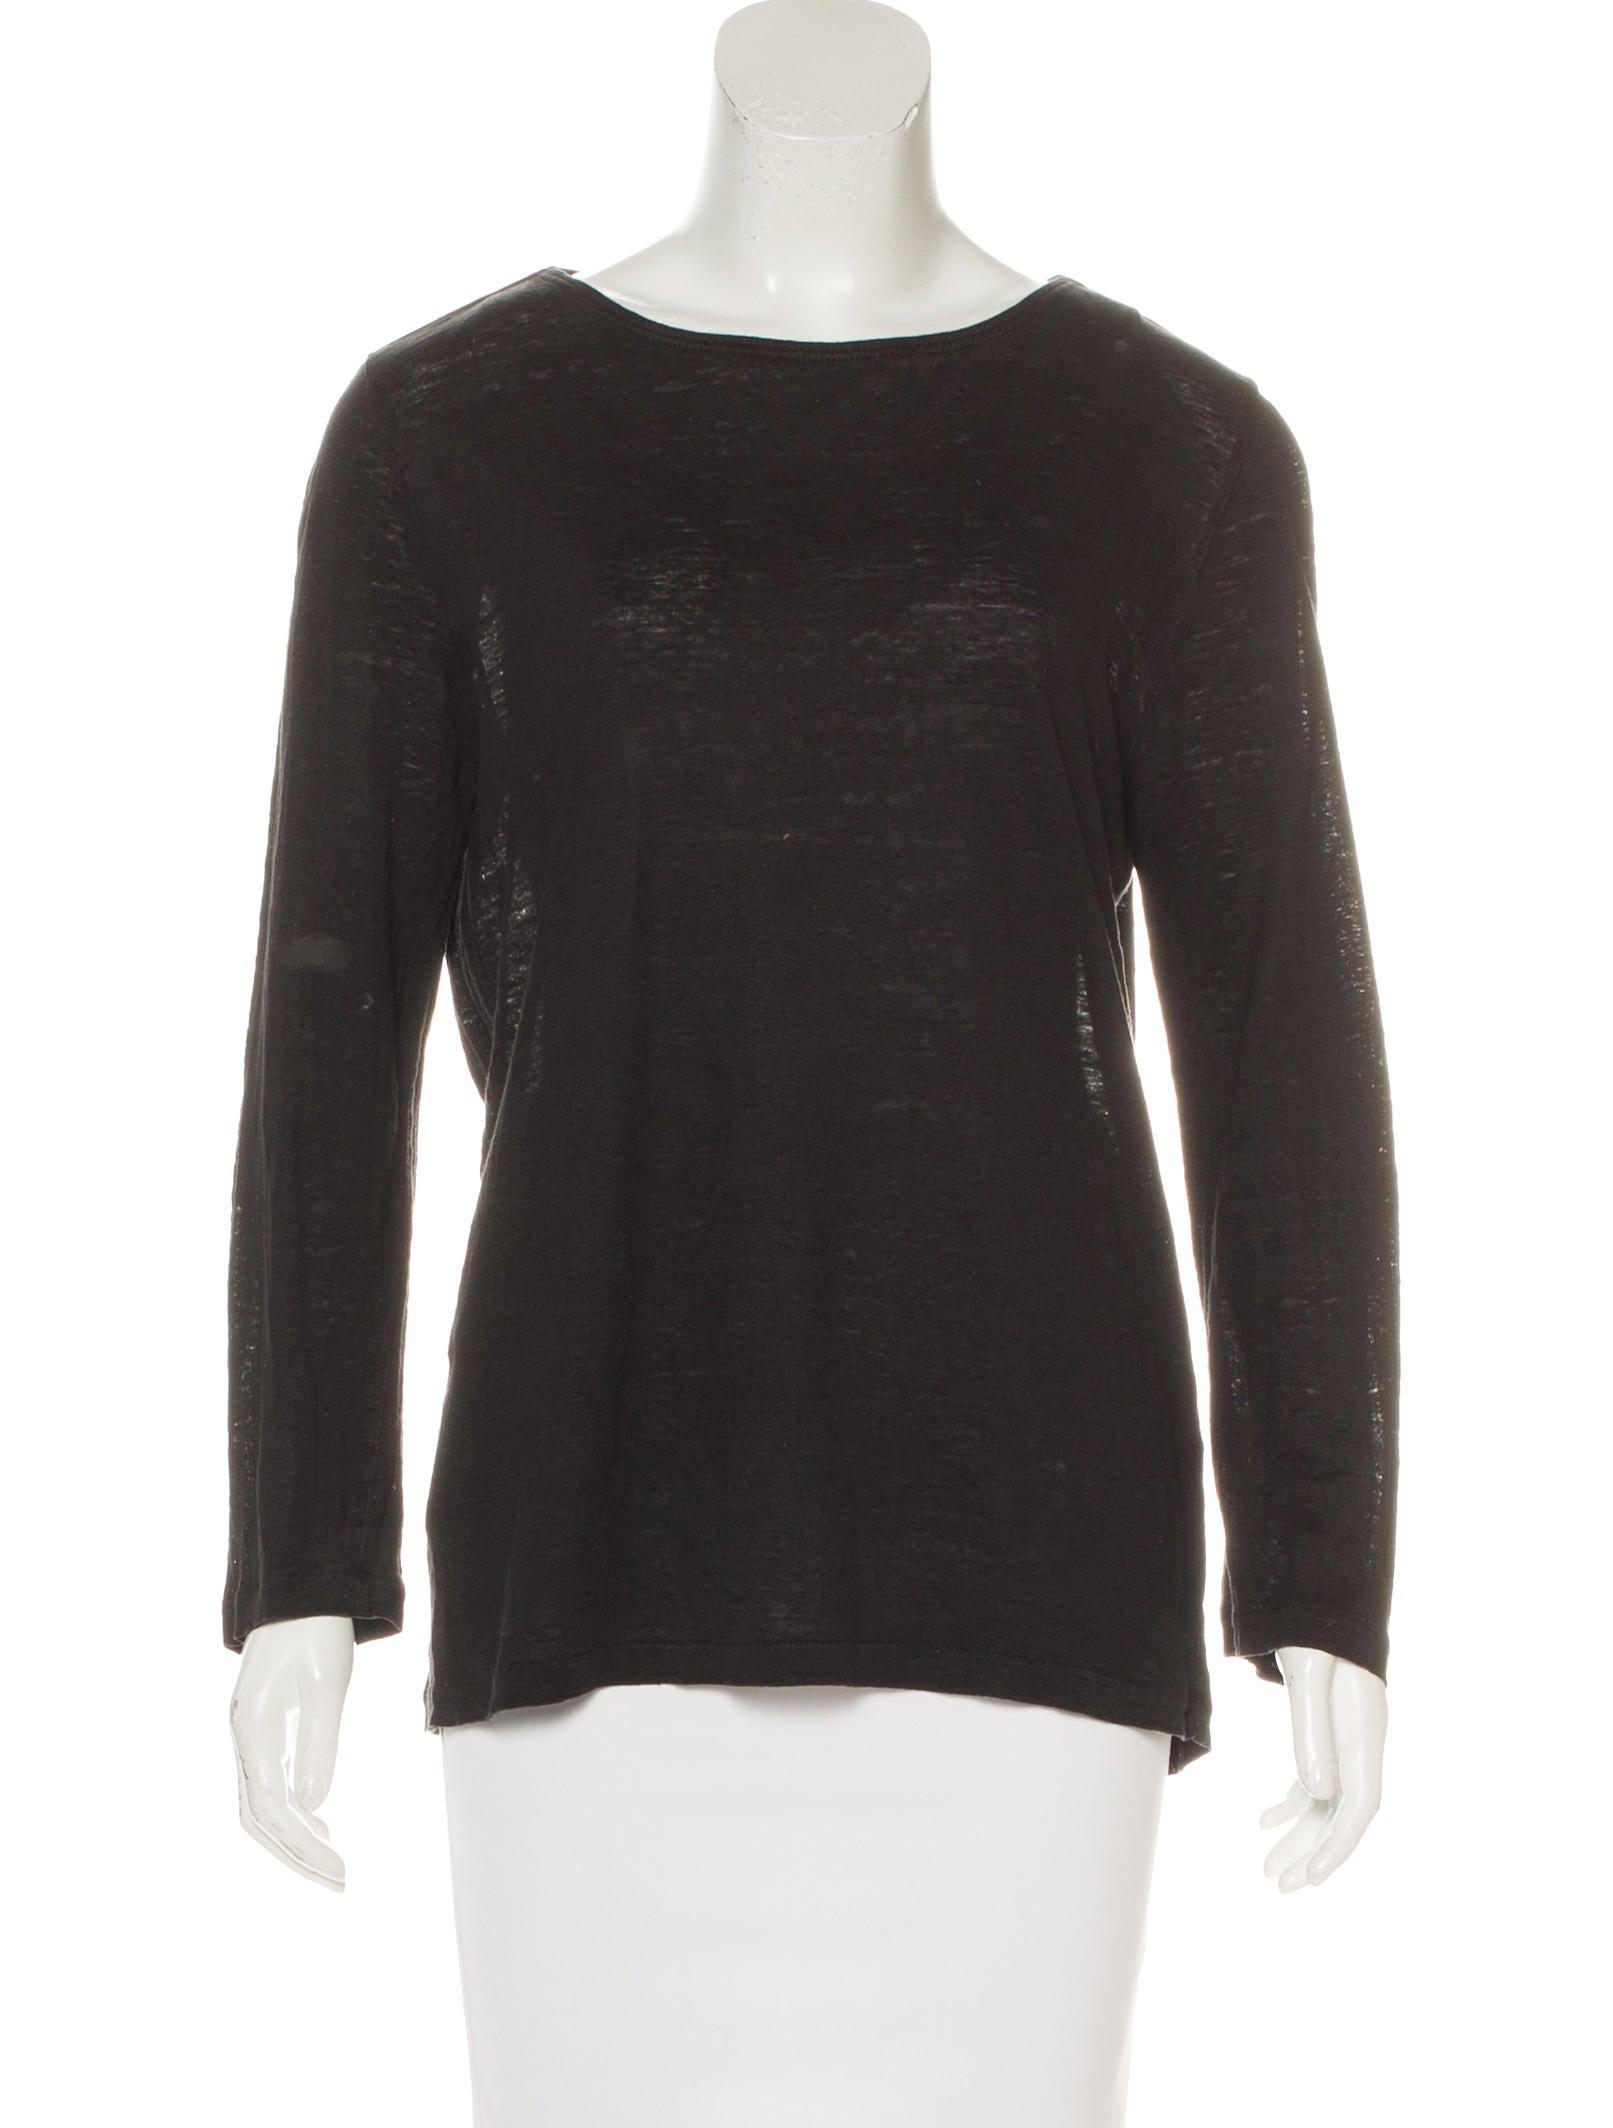 A p c linen long sleeve t shirt clothing wa324863 for Linen long sleeve shirt